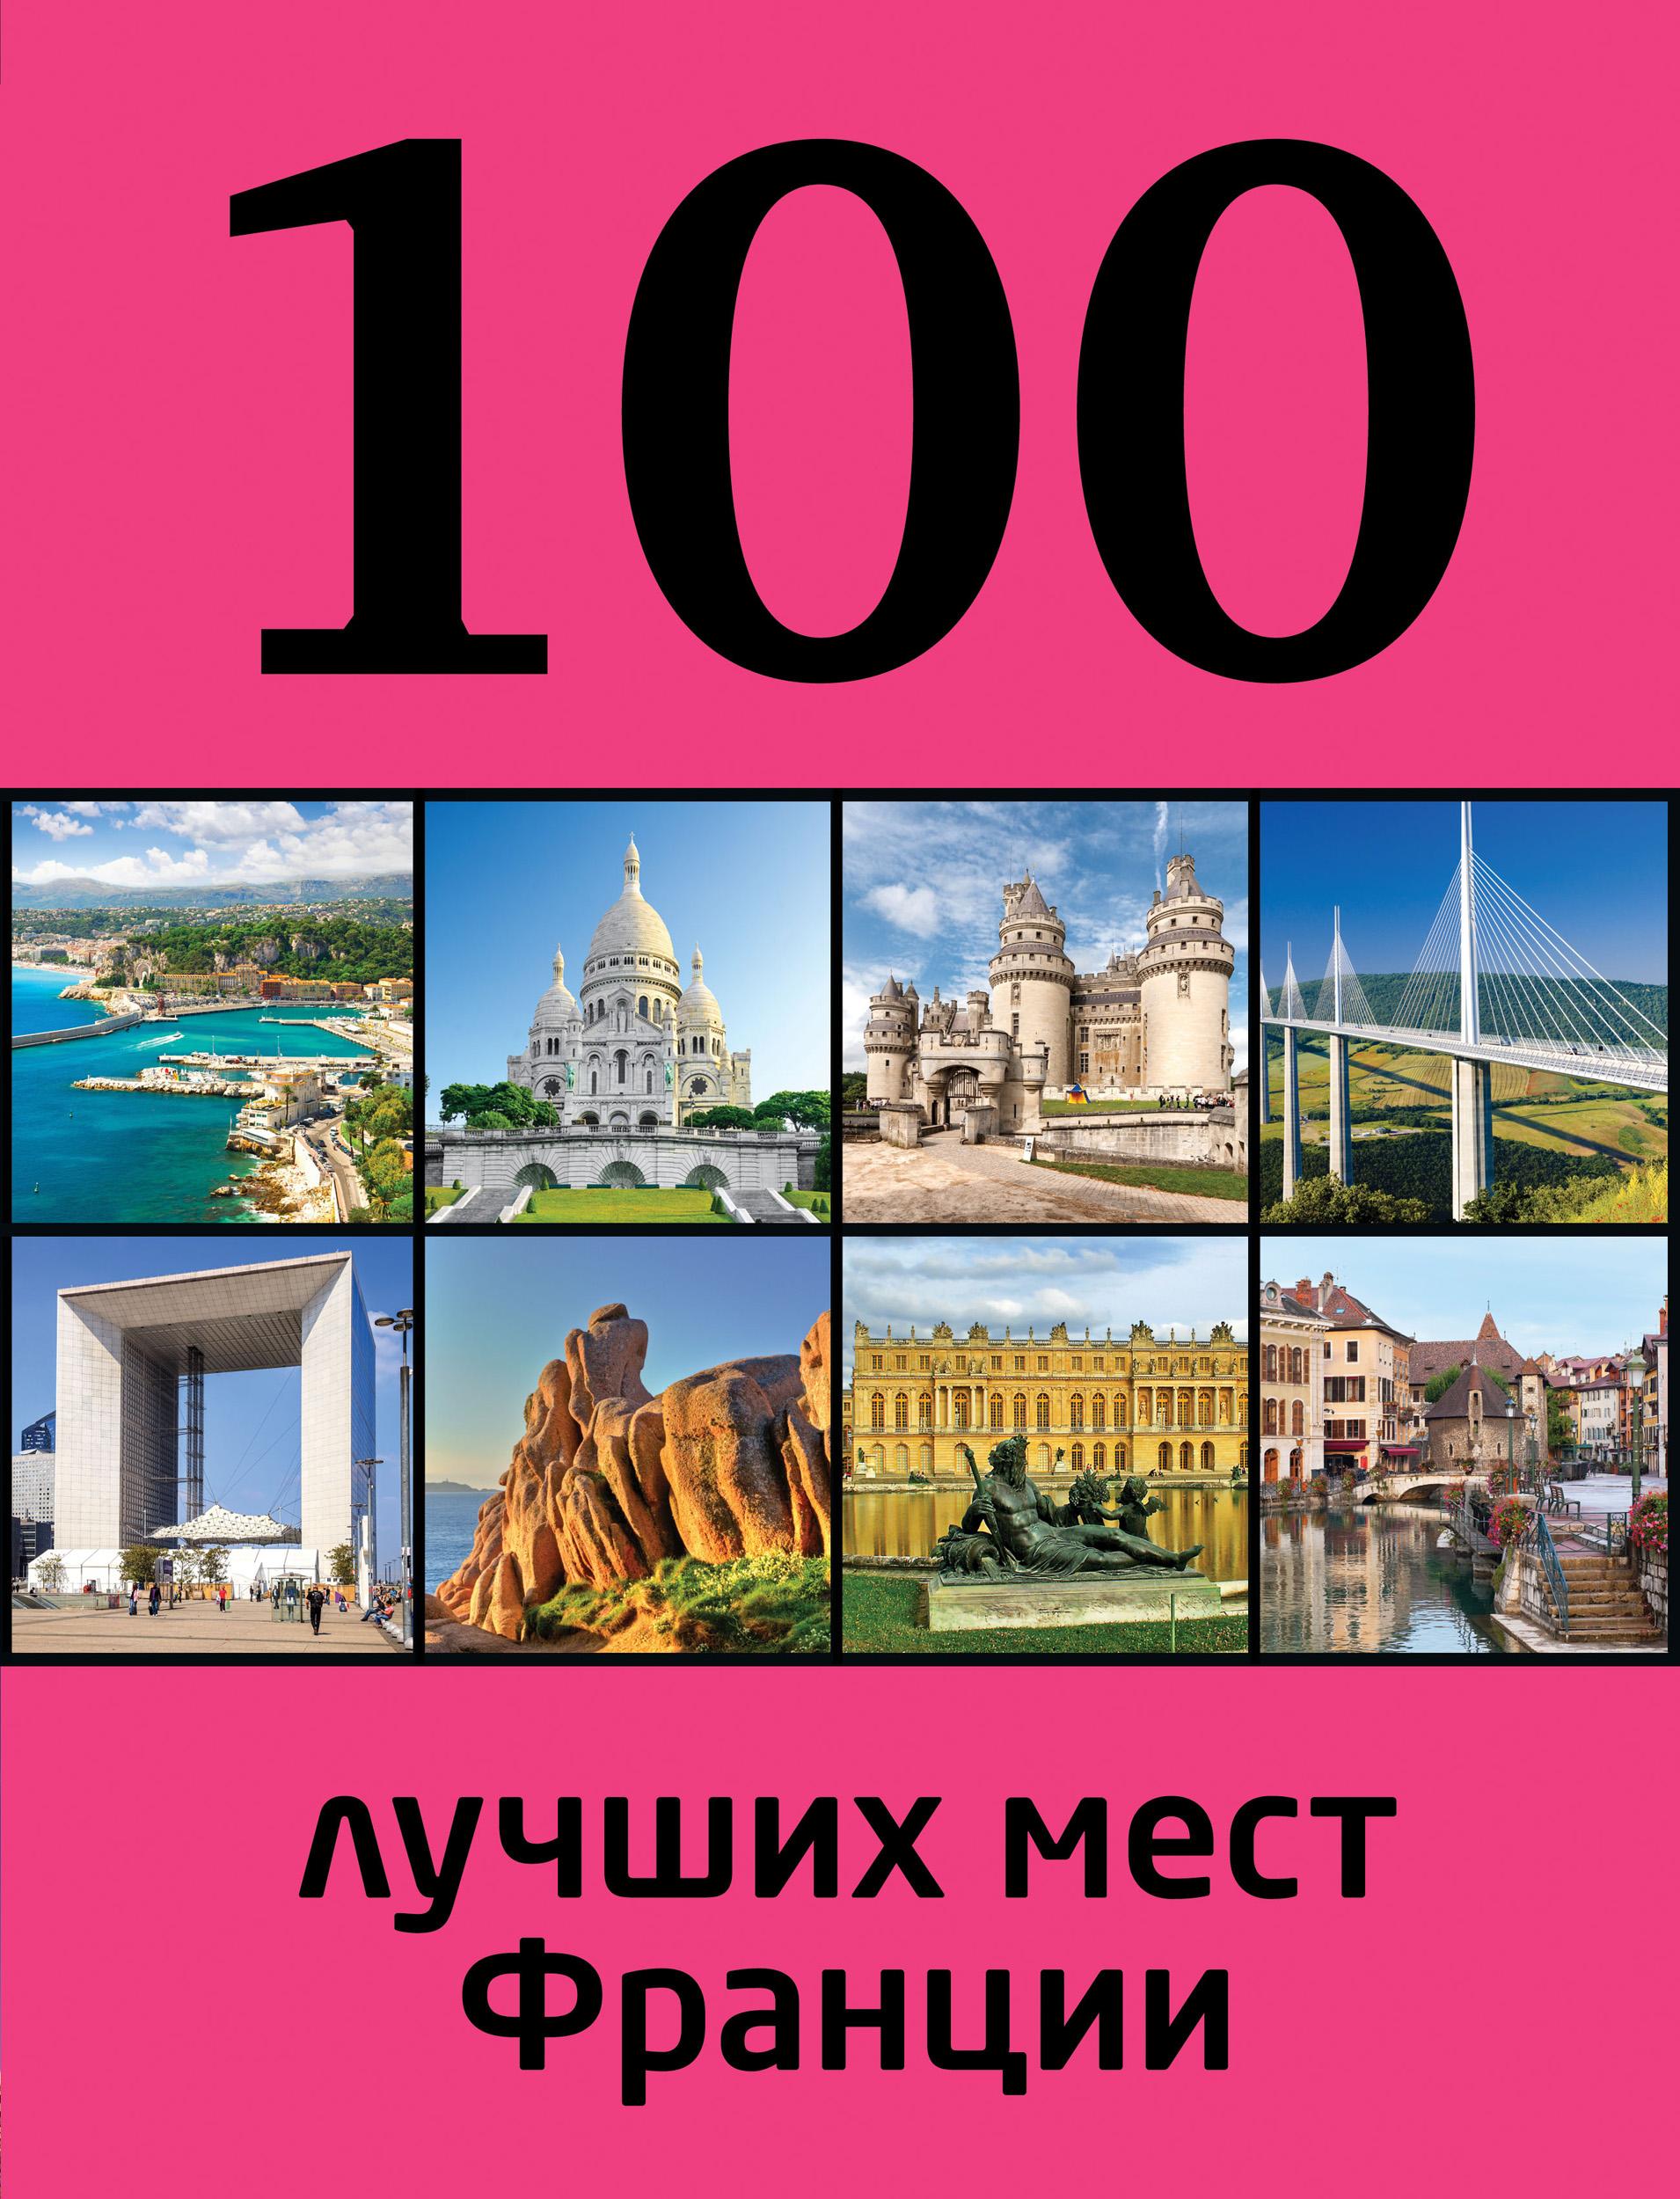 Евгения Ливеровская 100 лучших мест Франции ливеровская евгения 100 лучших мест франции